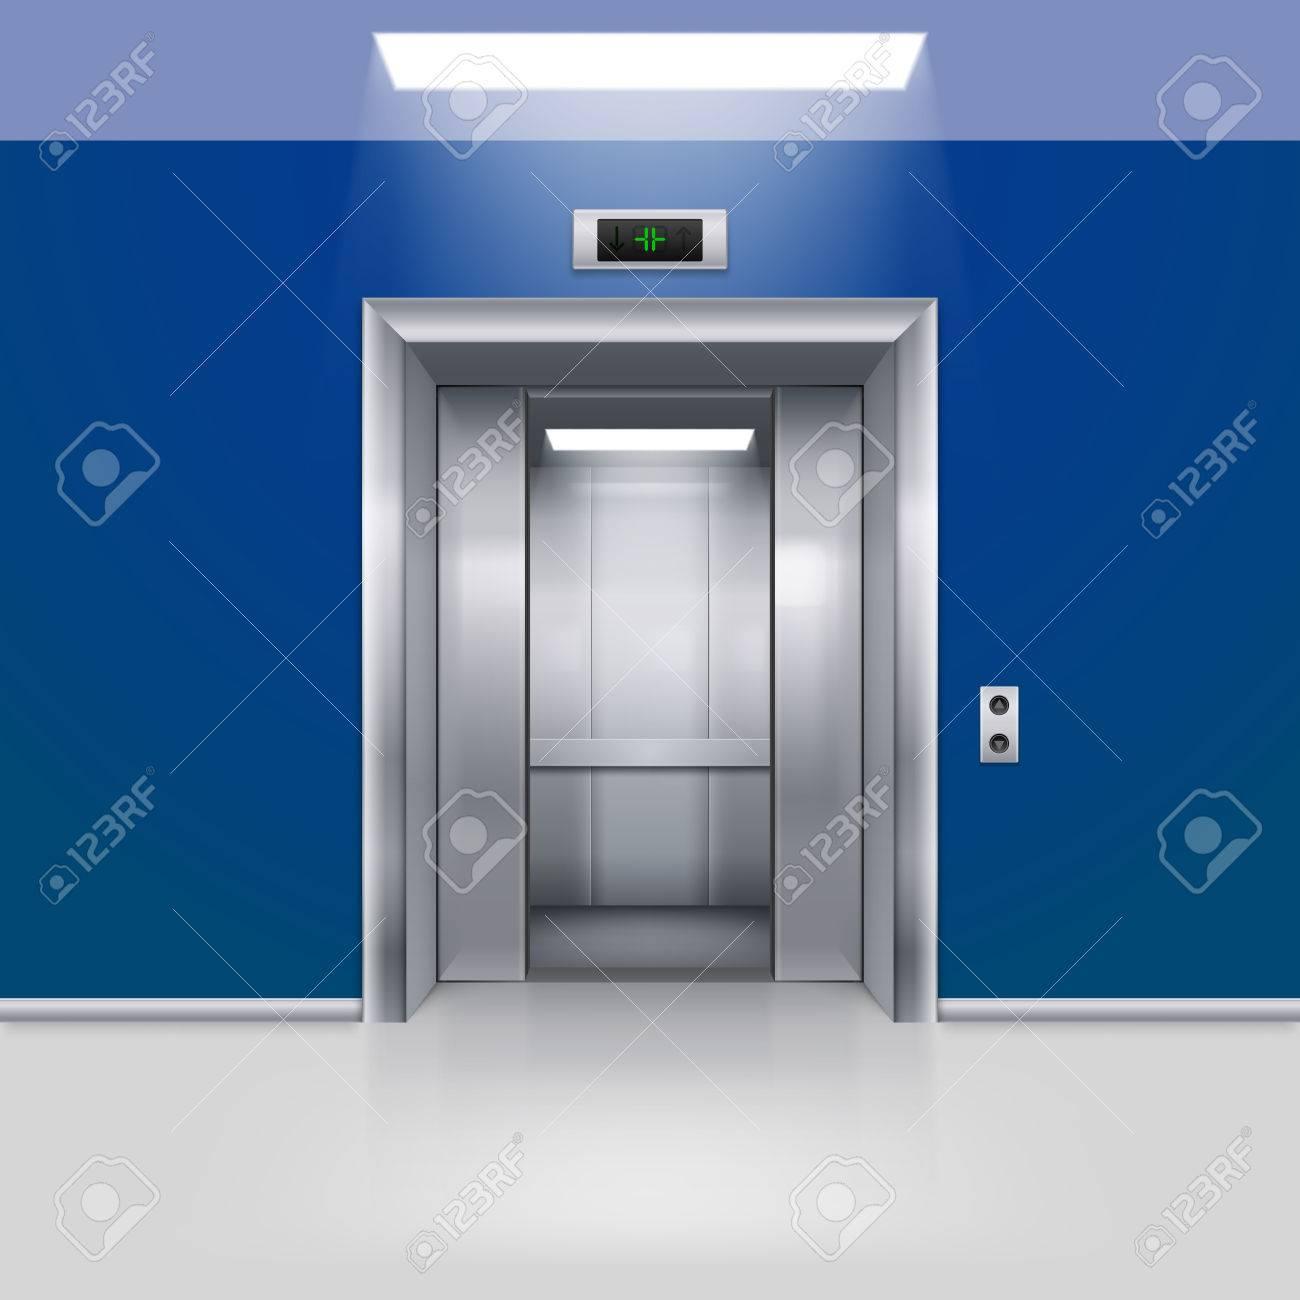 Realistic Empty Elevator With Half Open Door In Blue Lobby Stock Vector    54992768